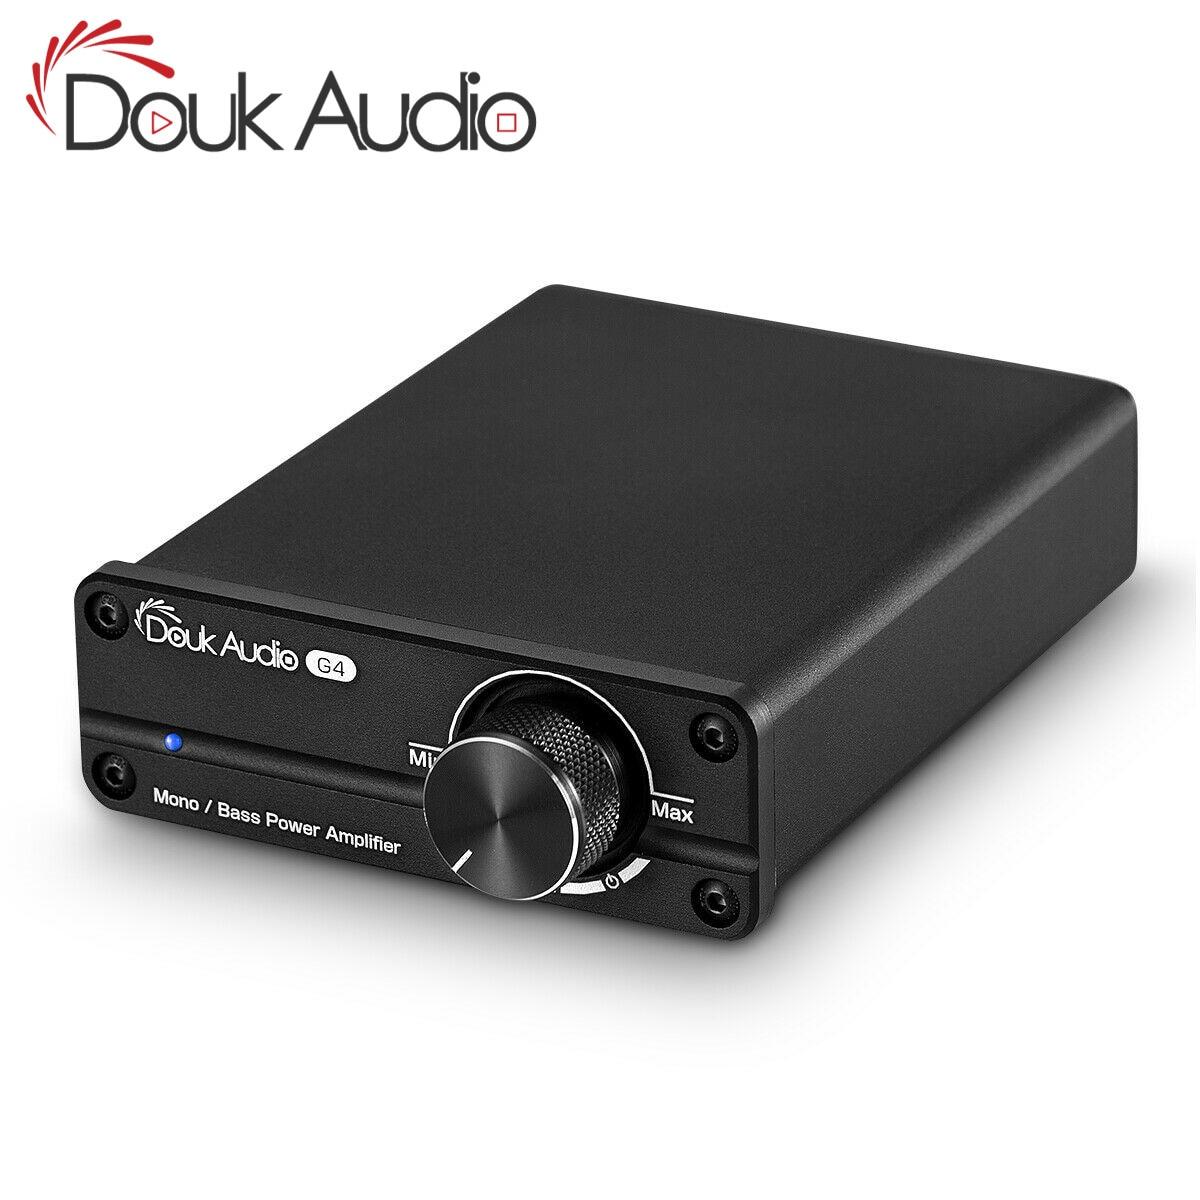 Nobsound Hi-Fi сабвуфер/полночастотный моно-канал TPA3116 цифровой усилитель мощности, мини Интегрированный усилитель класса D для аудиофила